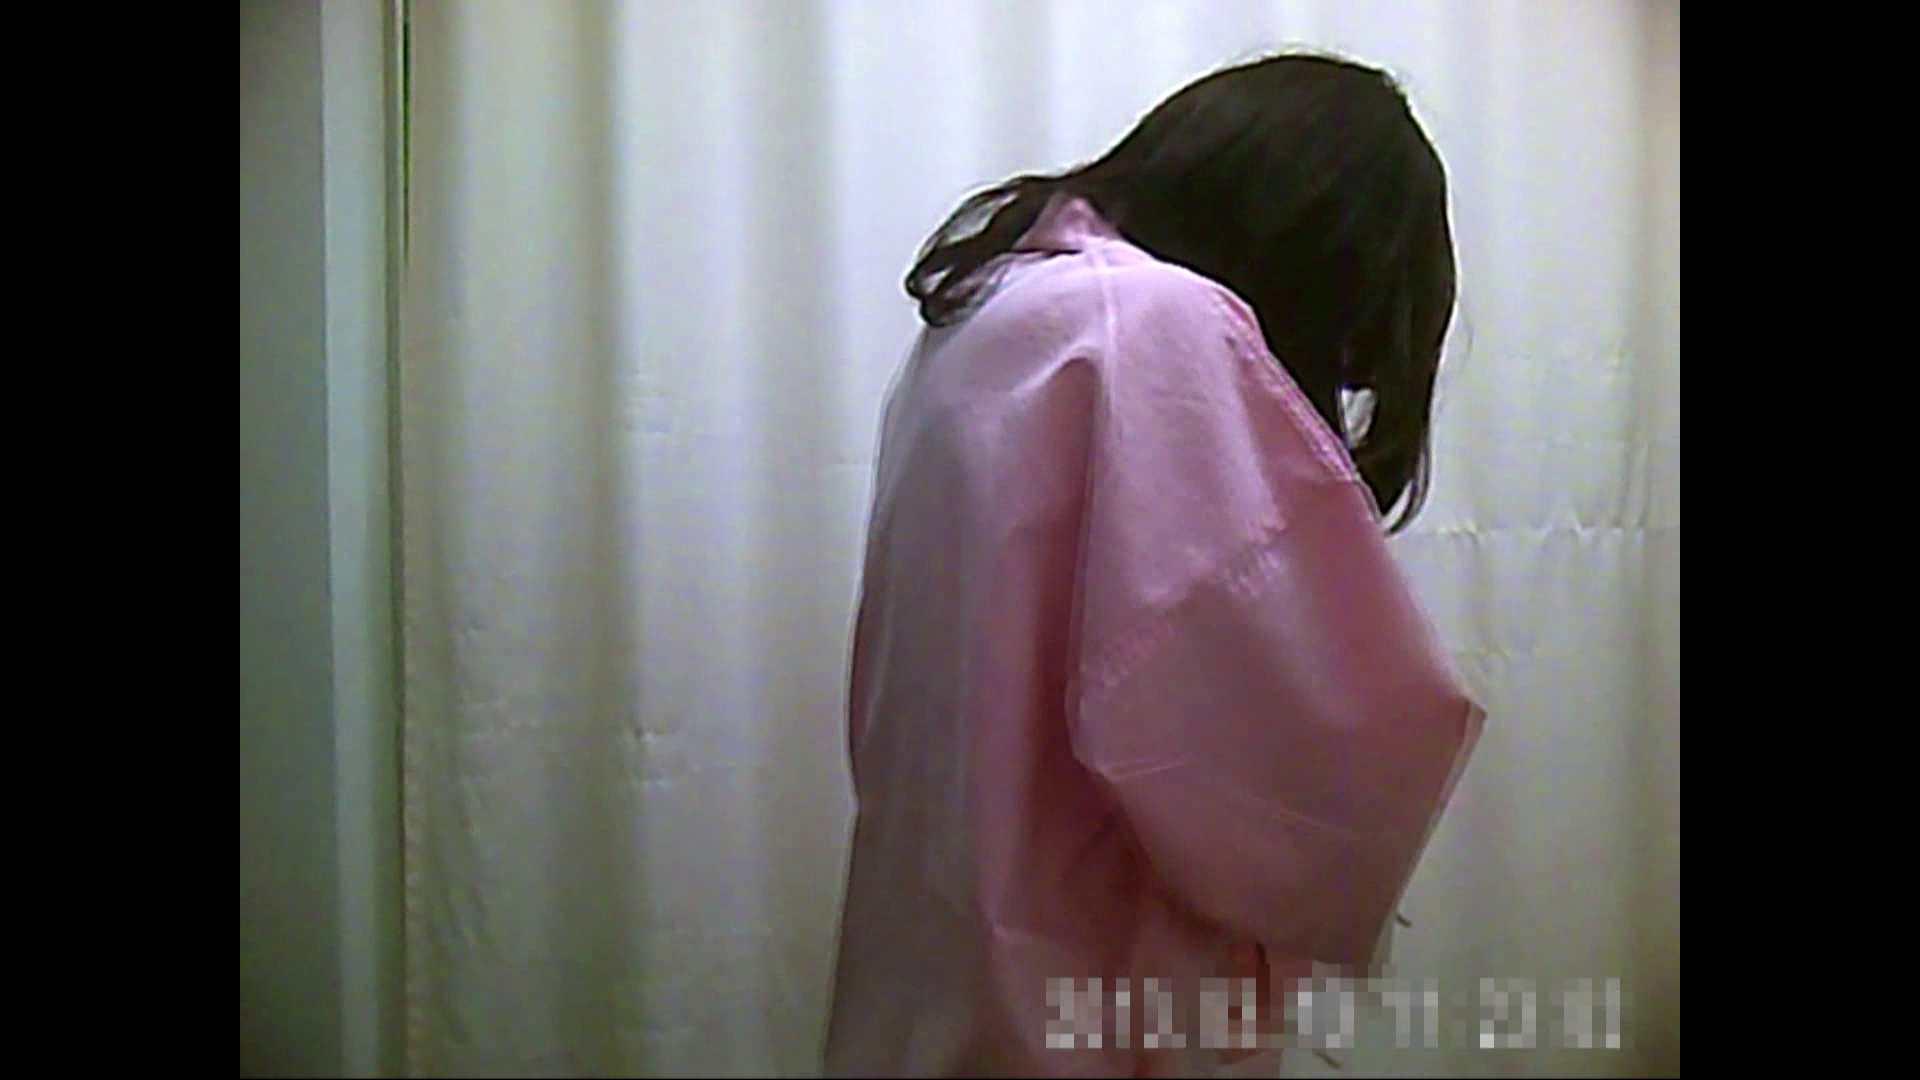 元医者による反抗 更衣室地獄絵巻 vol.097 OLハメ撮り  39Pix 23